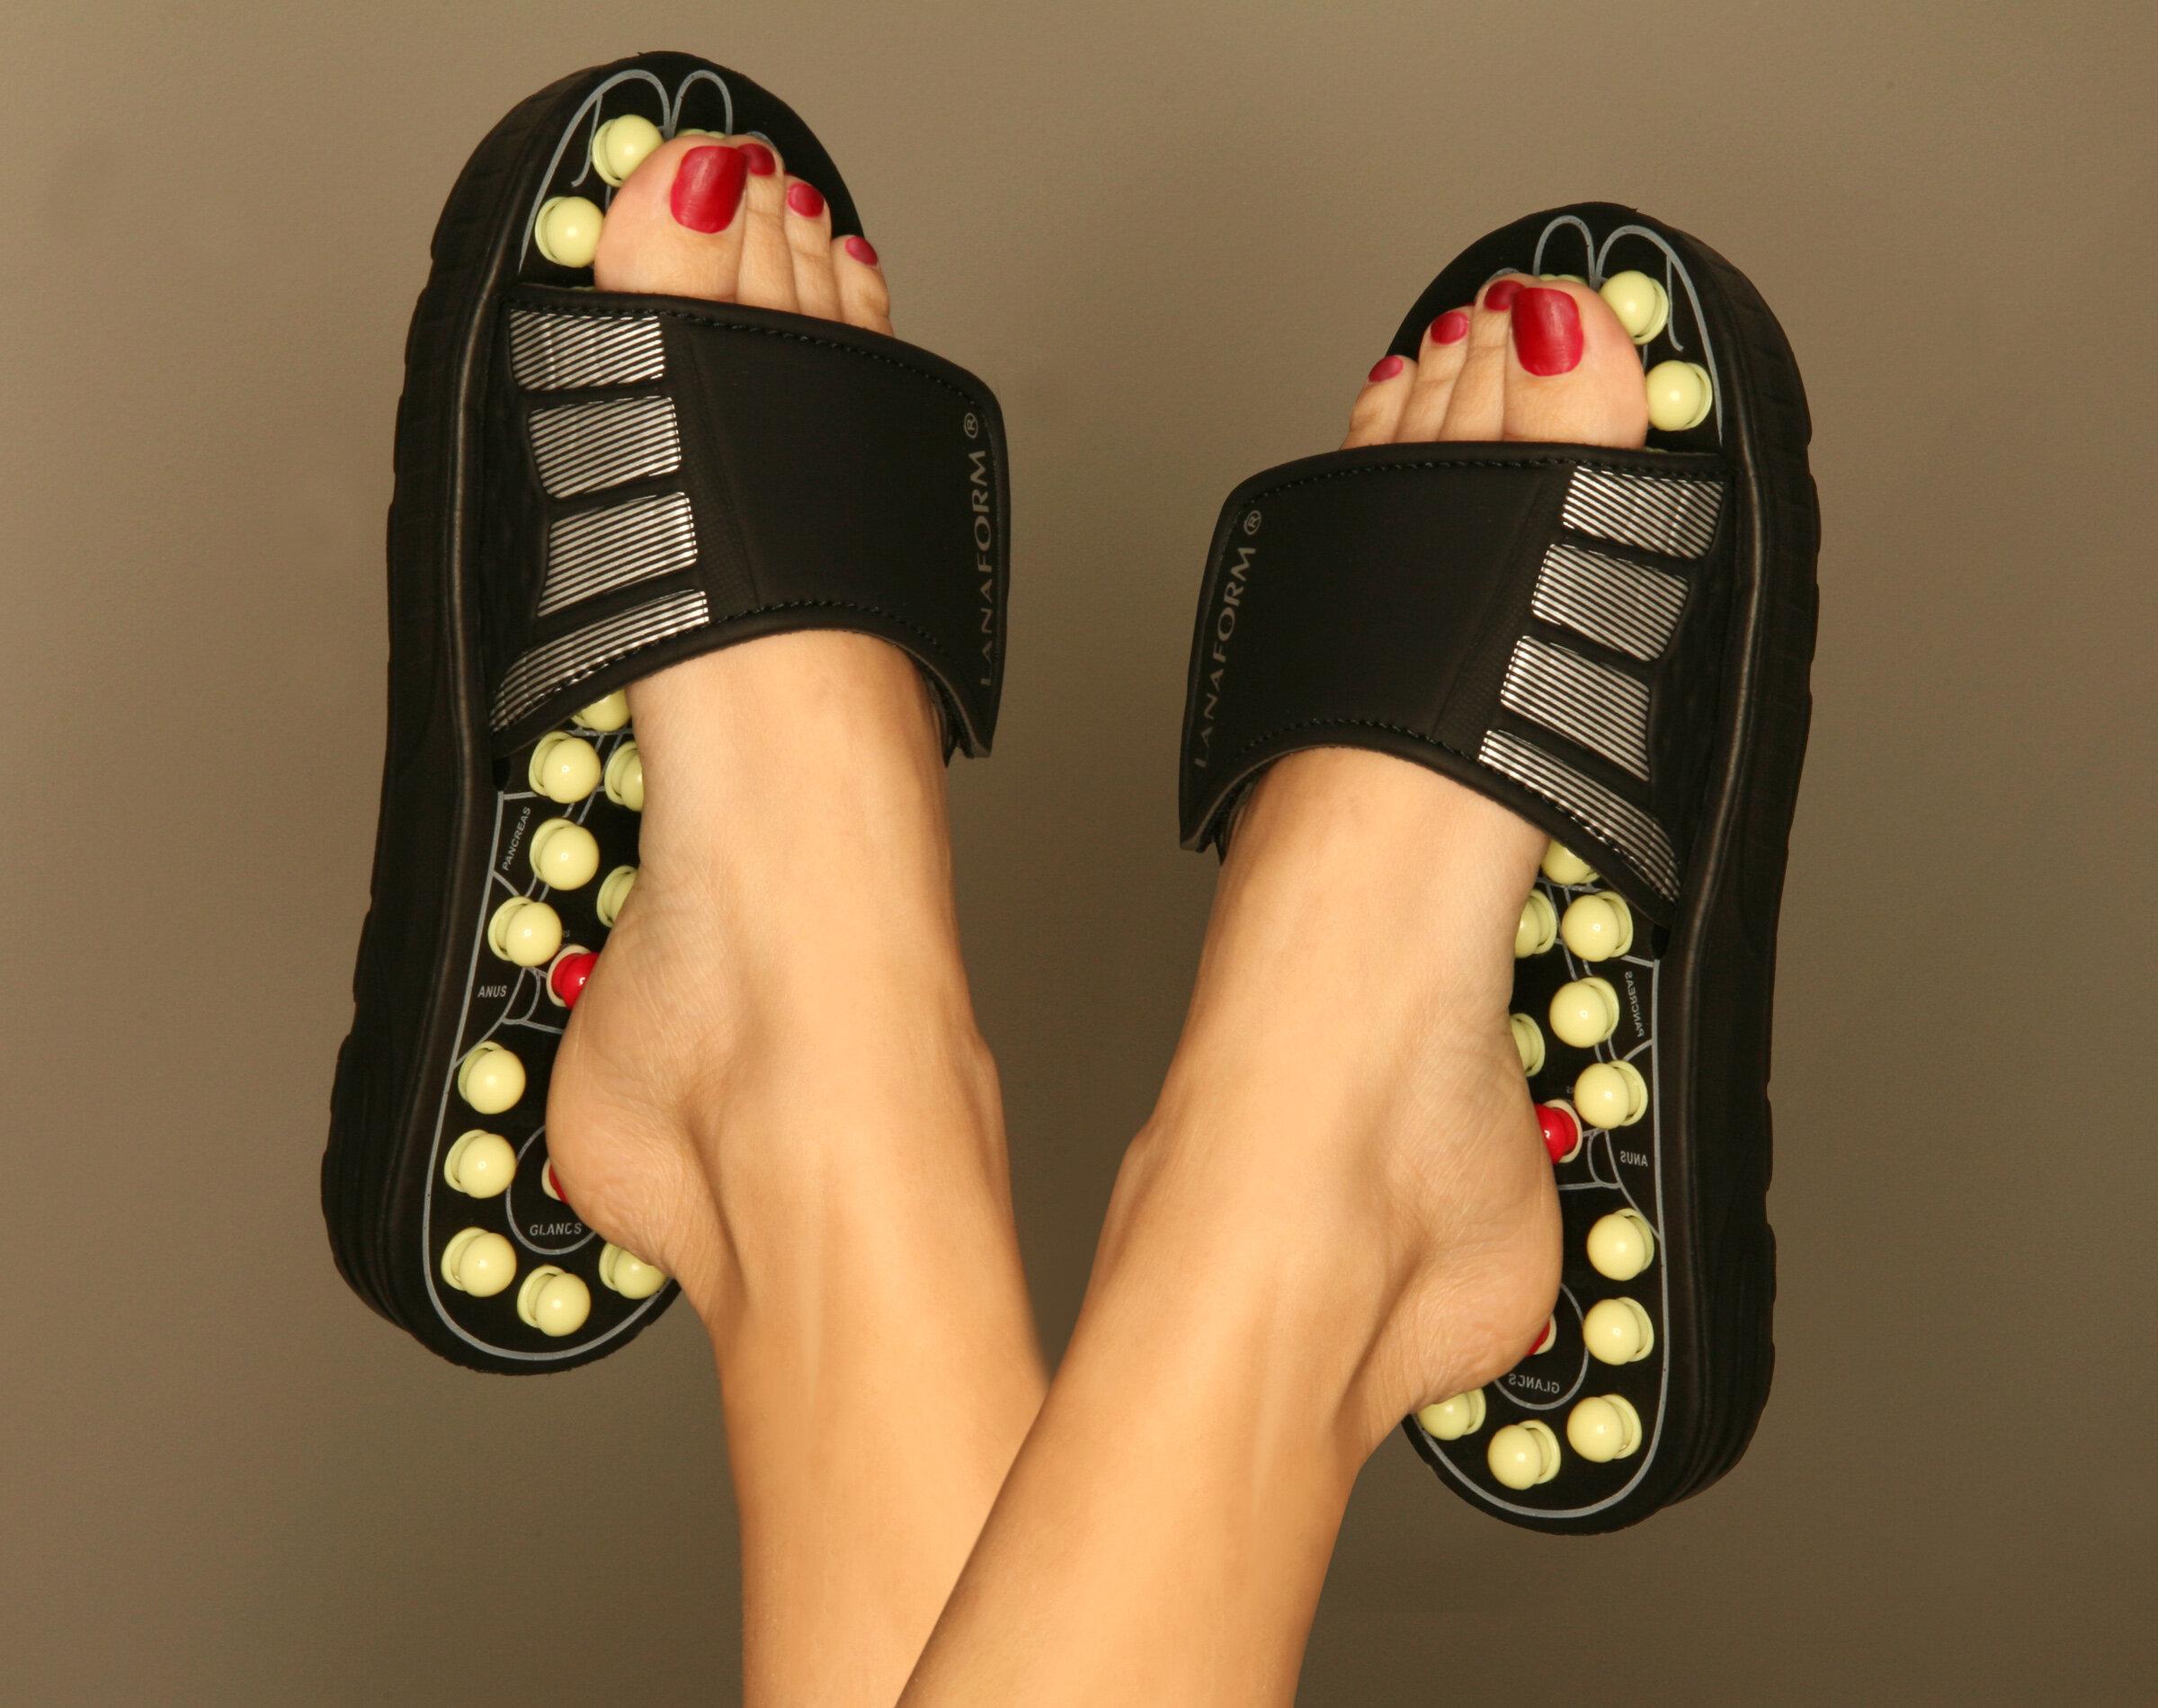 079d4824e0485 Deluxe Comfort Men s Slip-On Smart Step Reflexology Sandals   Reviews